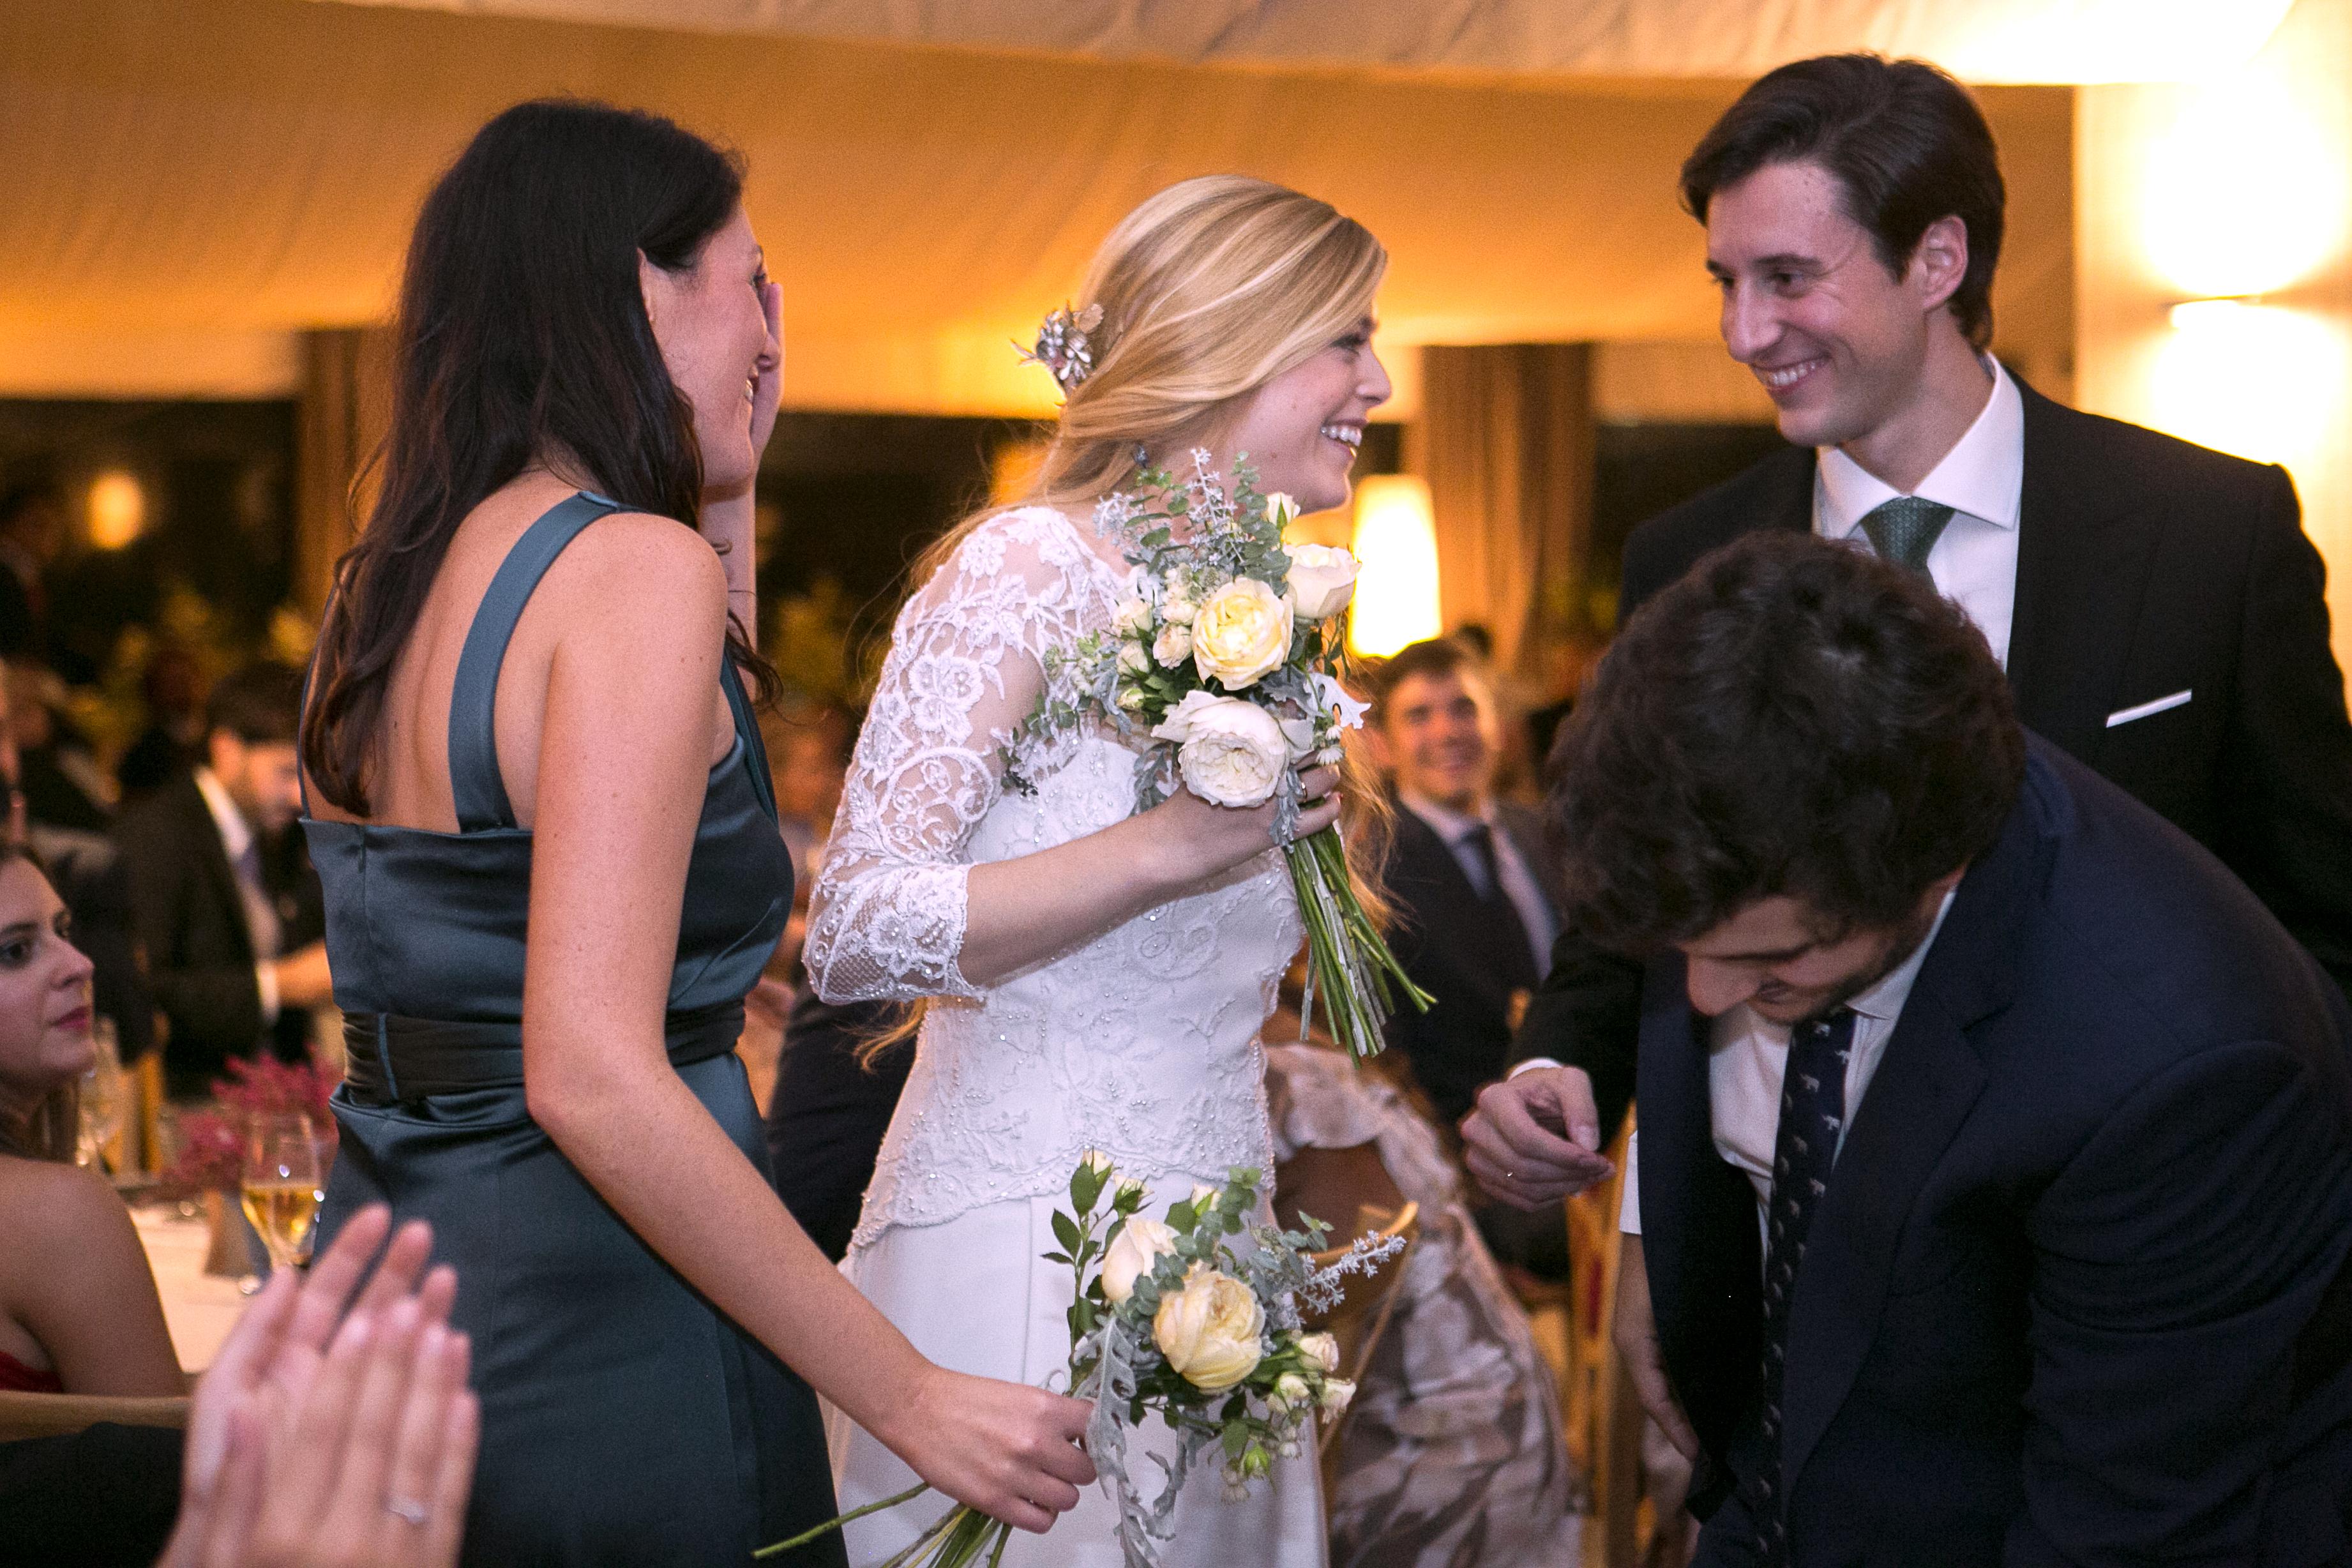 La boda de Carlota y Fede II